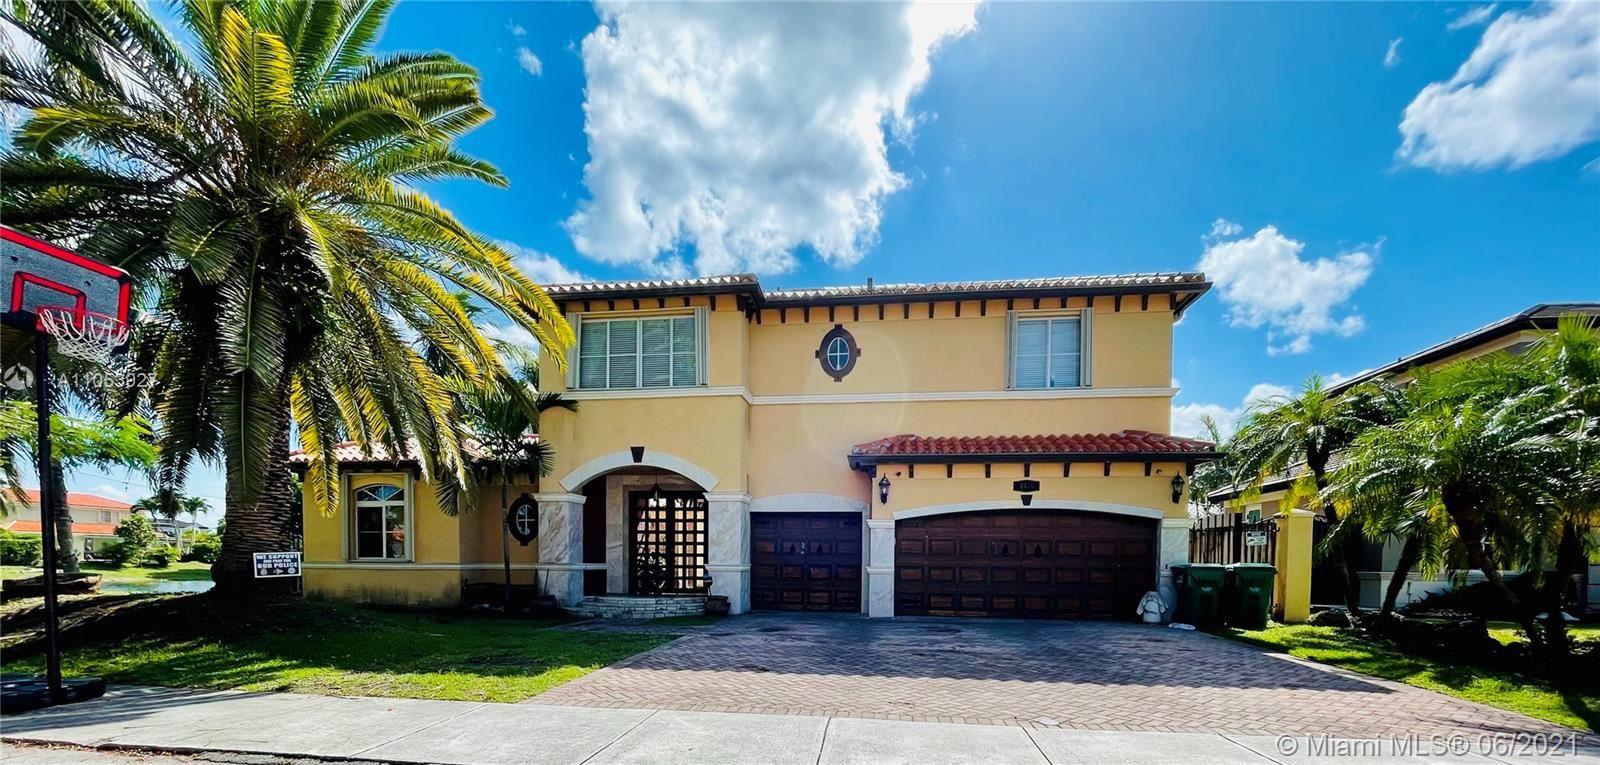 4536 SW 161st Ave, Miami, FL 33185 - #: A11053927